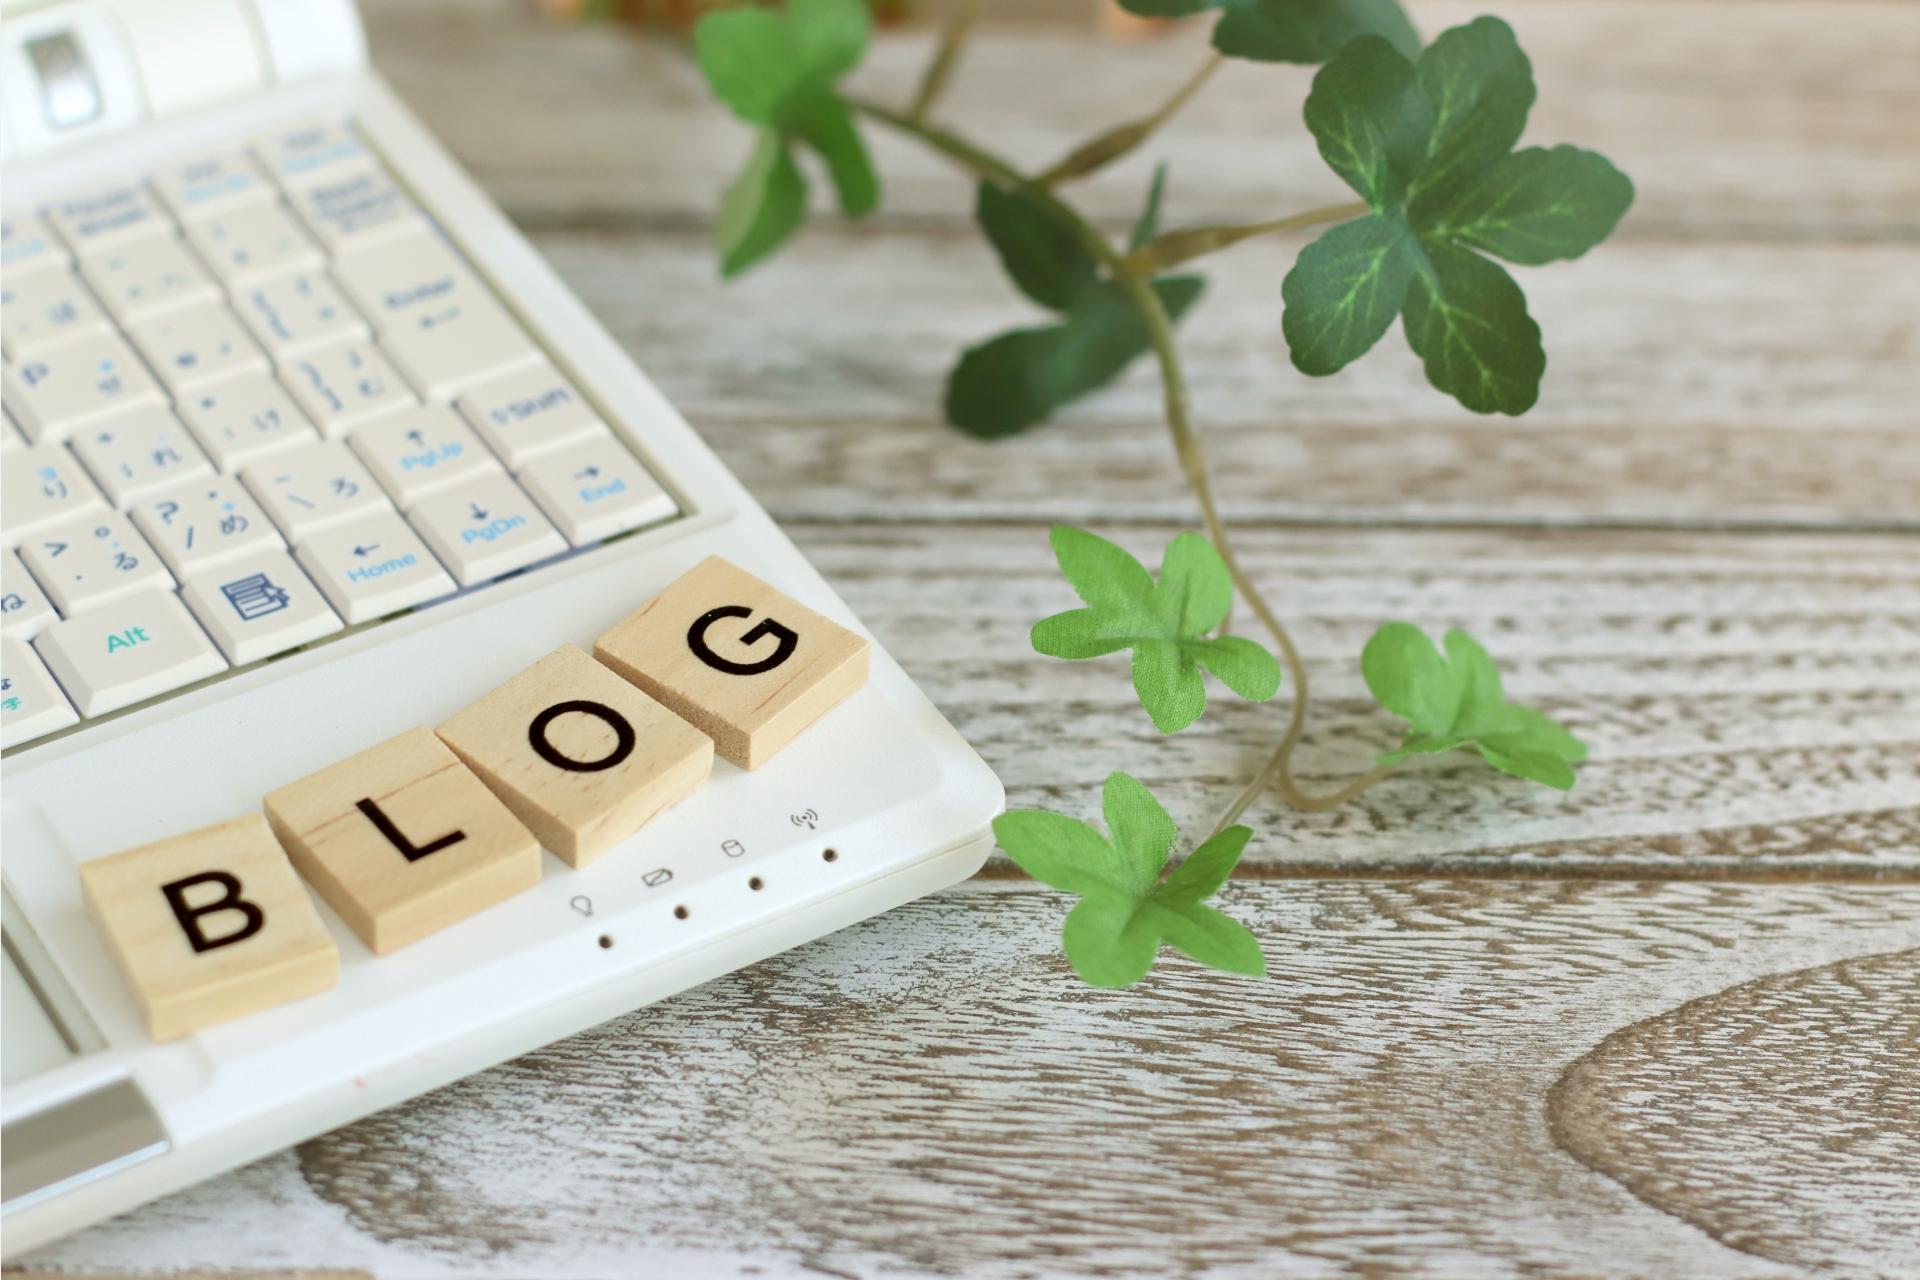 50記事書いた時点のブログのアクセス数